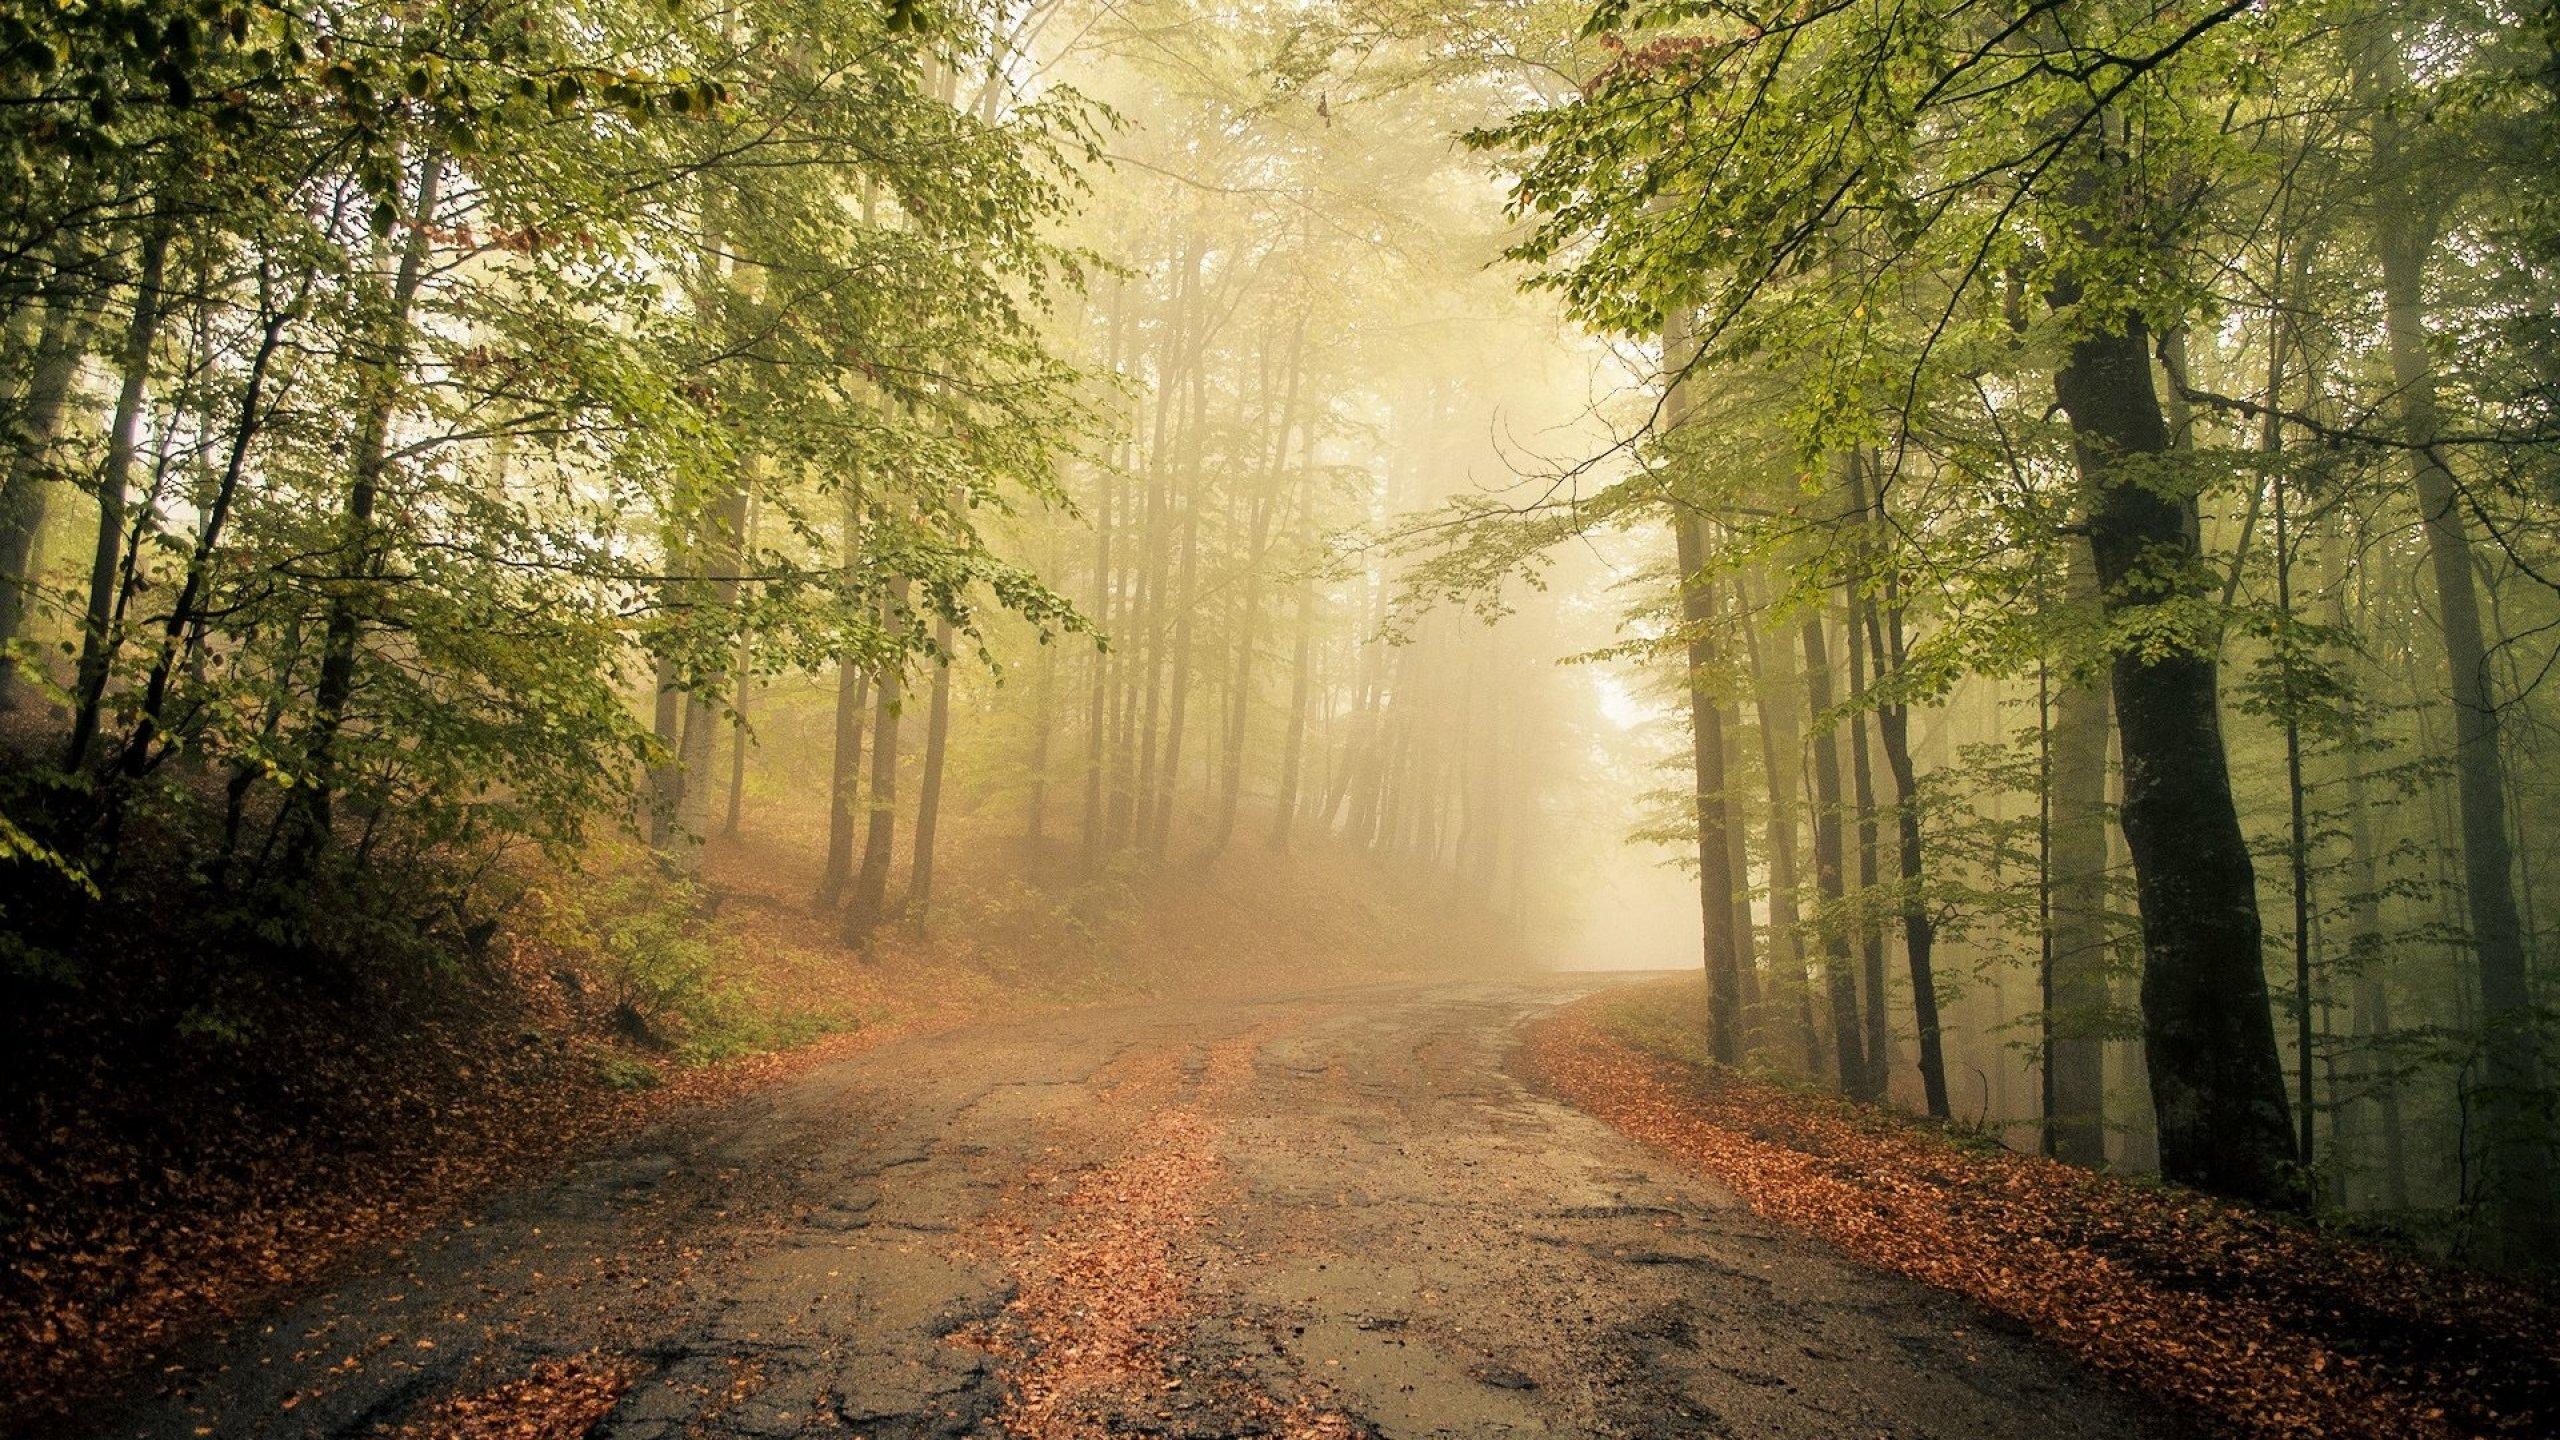 Droga w lesie - 1 part 5